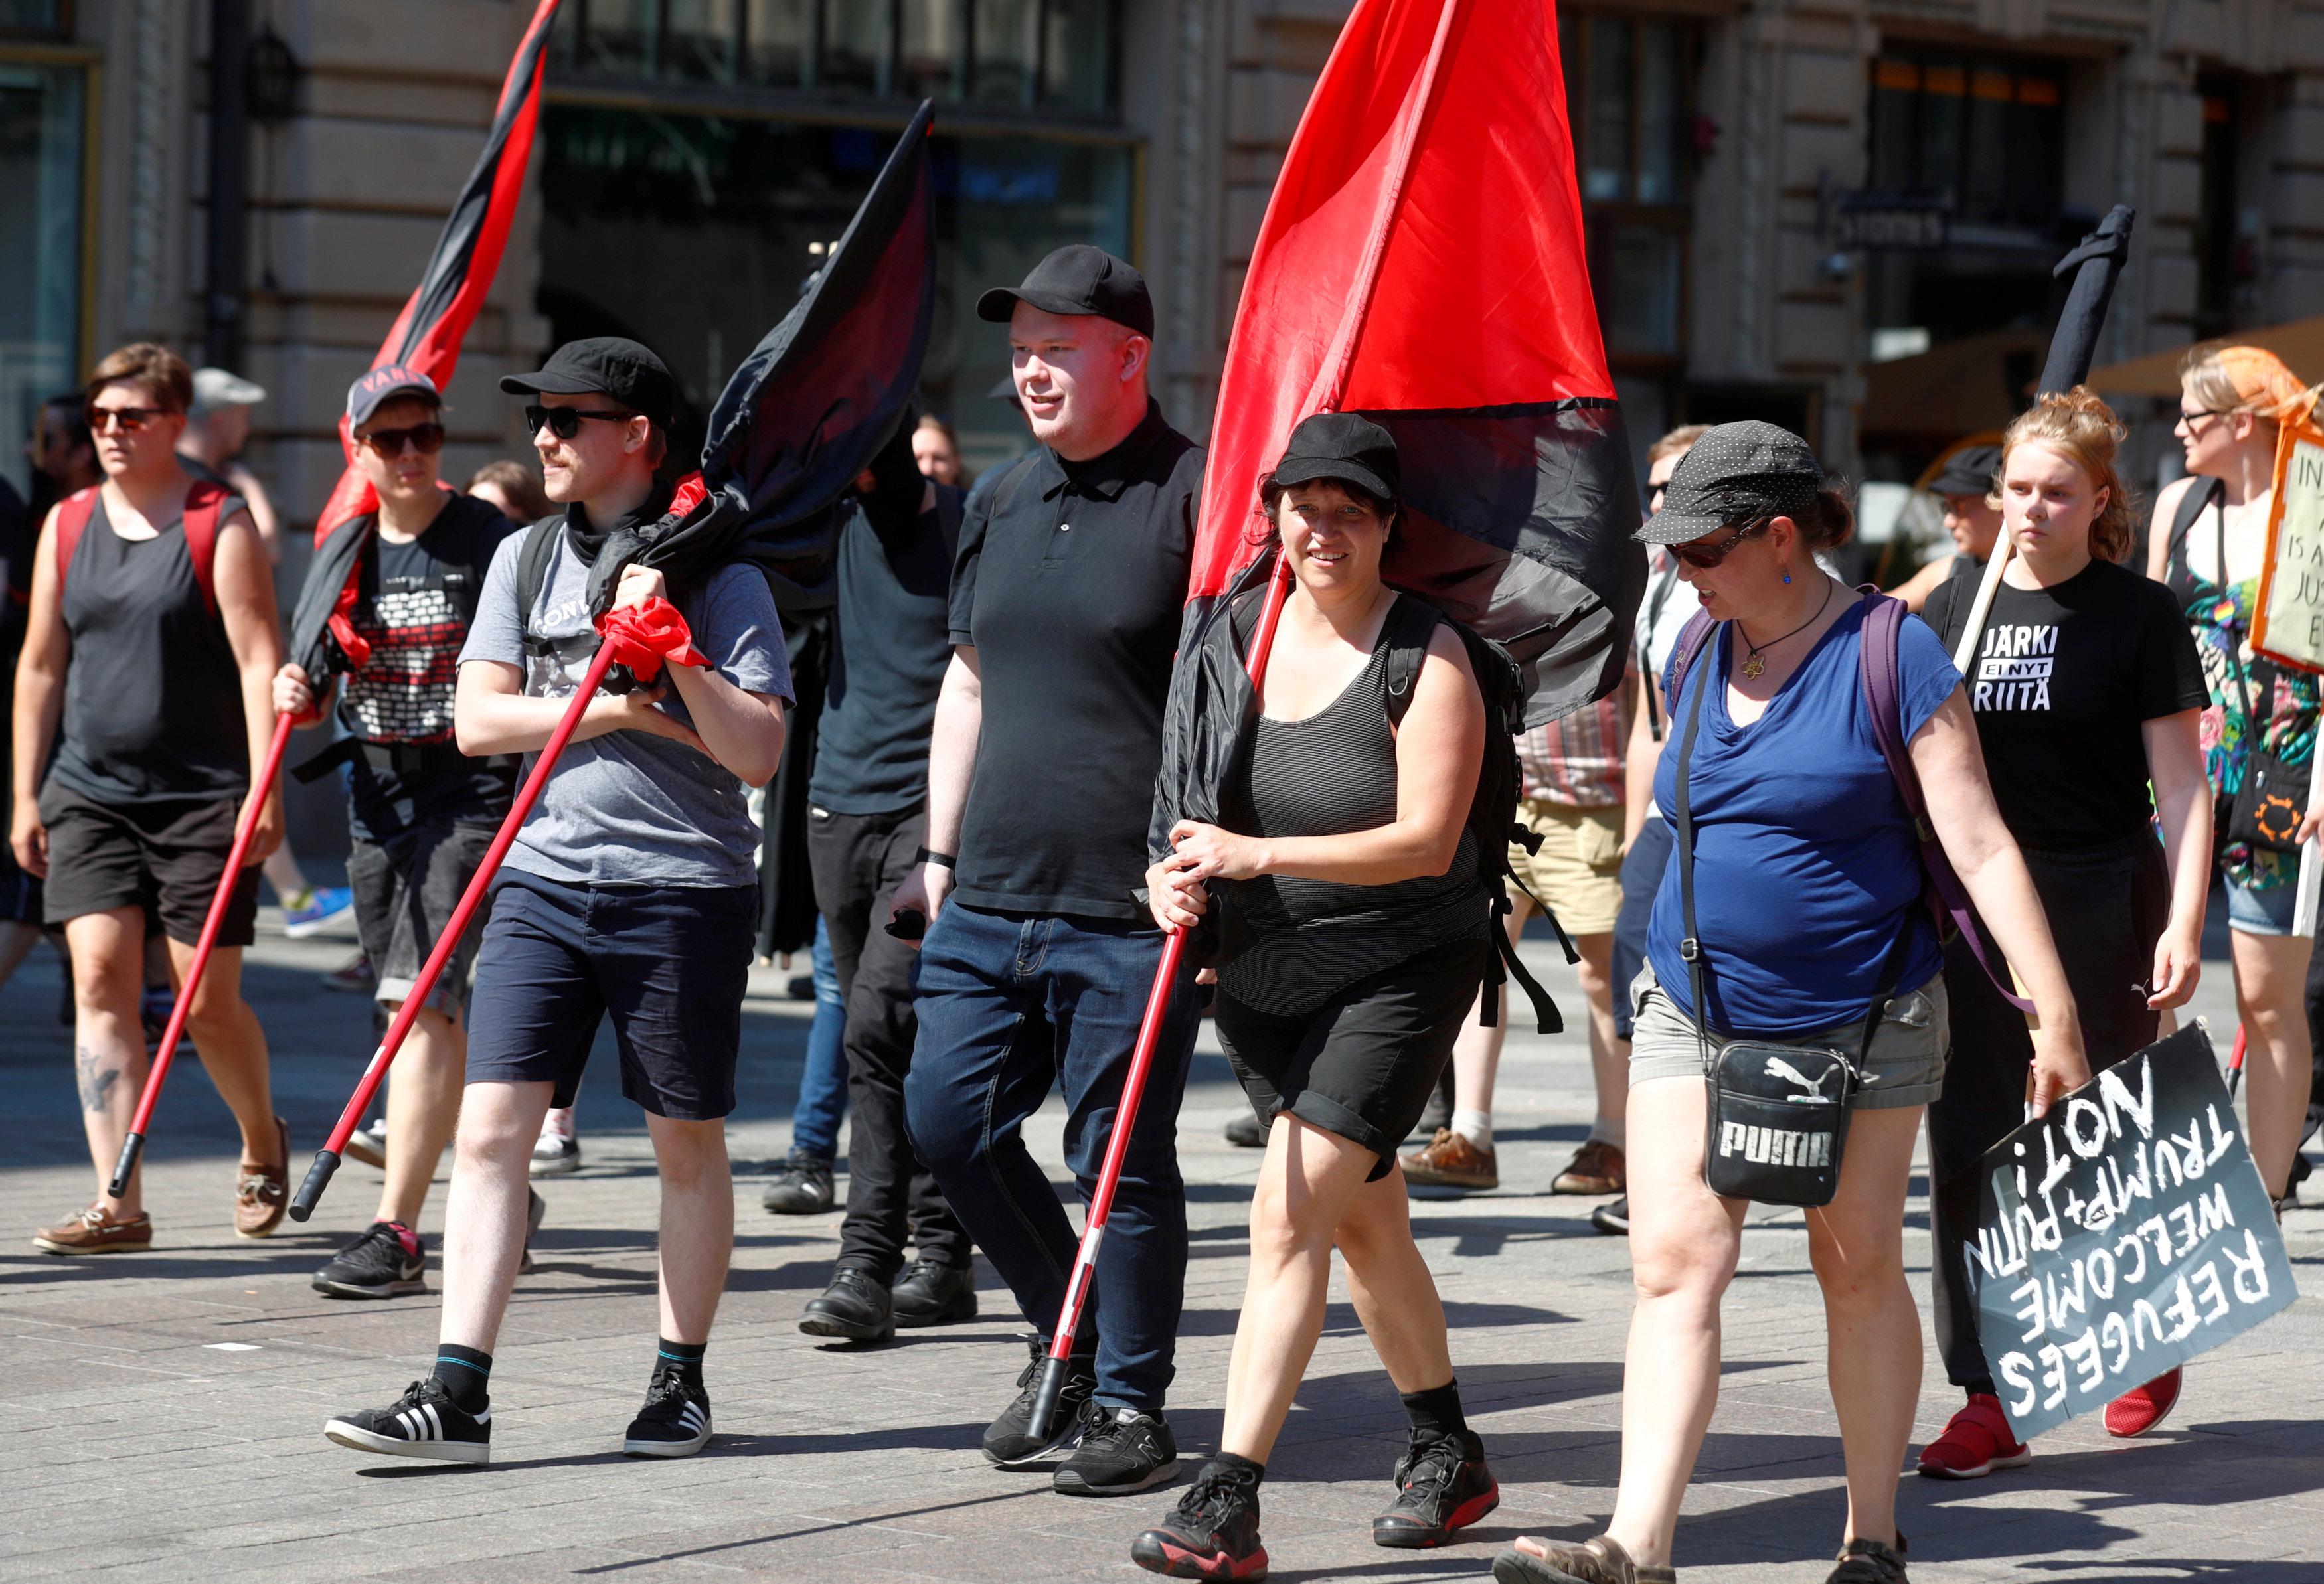 Una pequeña manifestación contra Trump fue organizada este lunes, de menor tamaño que la del domingo